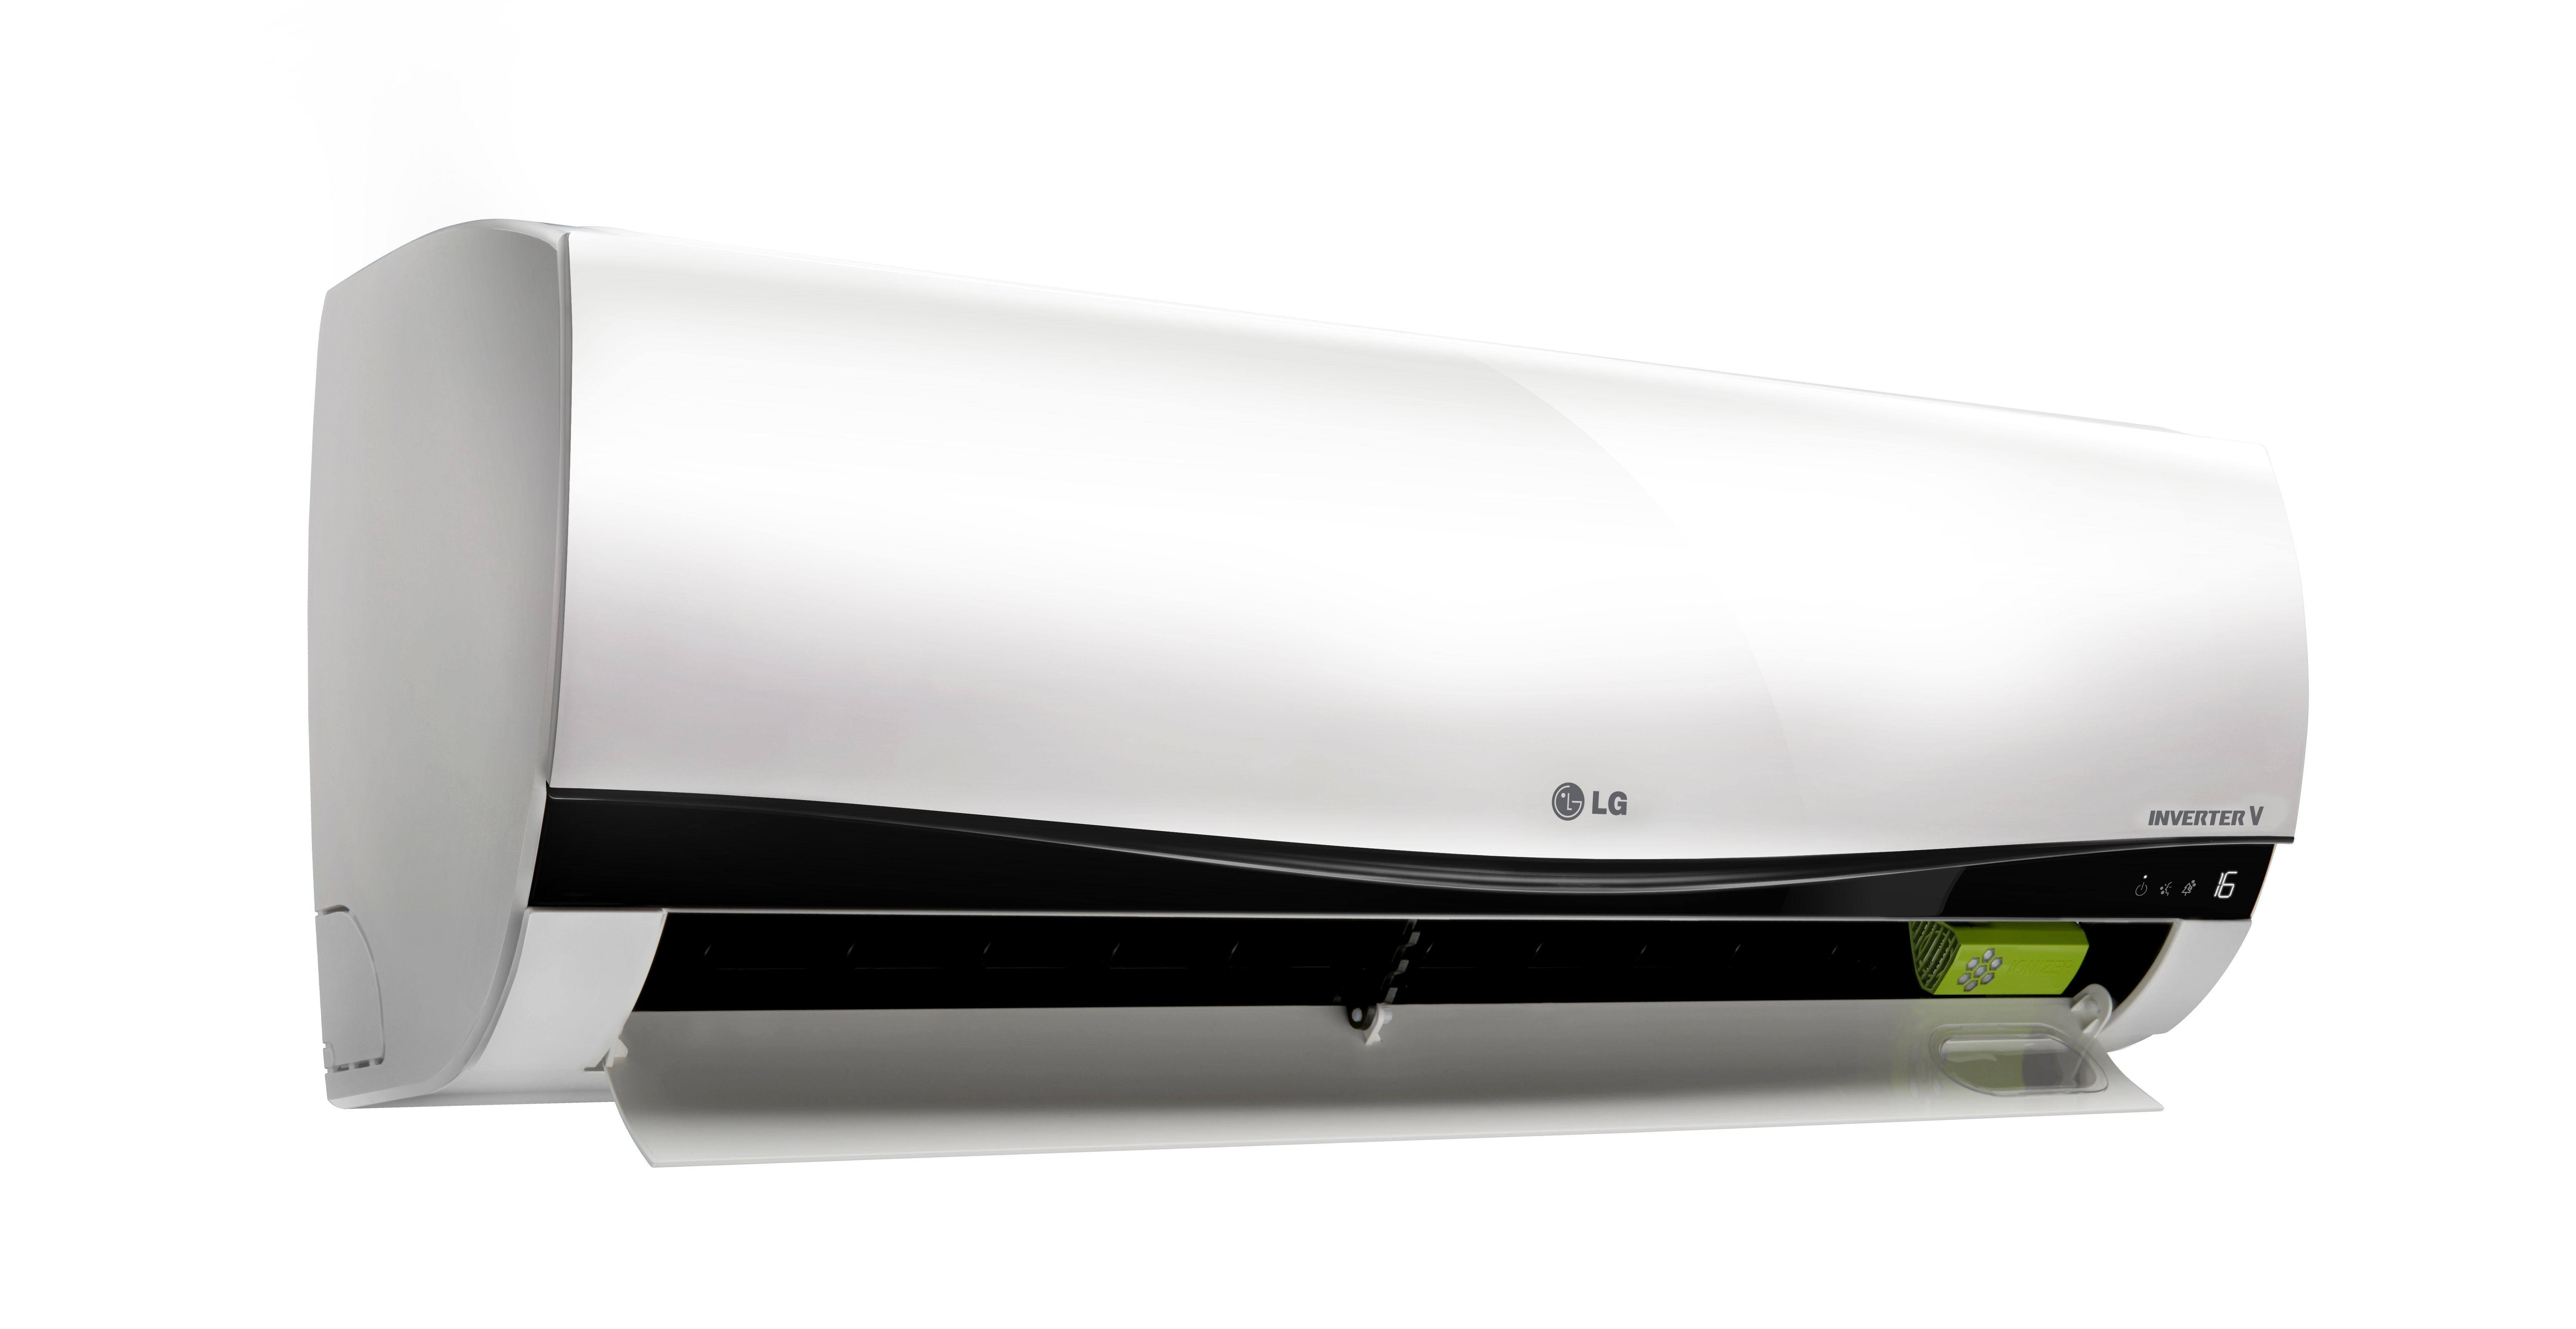 LG Inverter V Air Conditioner Air conditioner, Heating